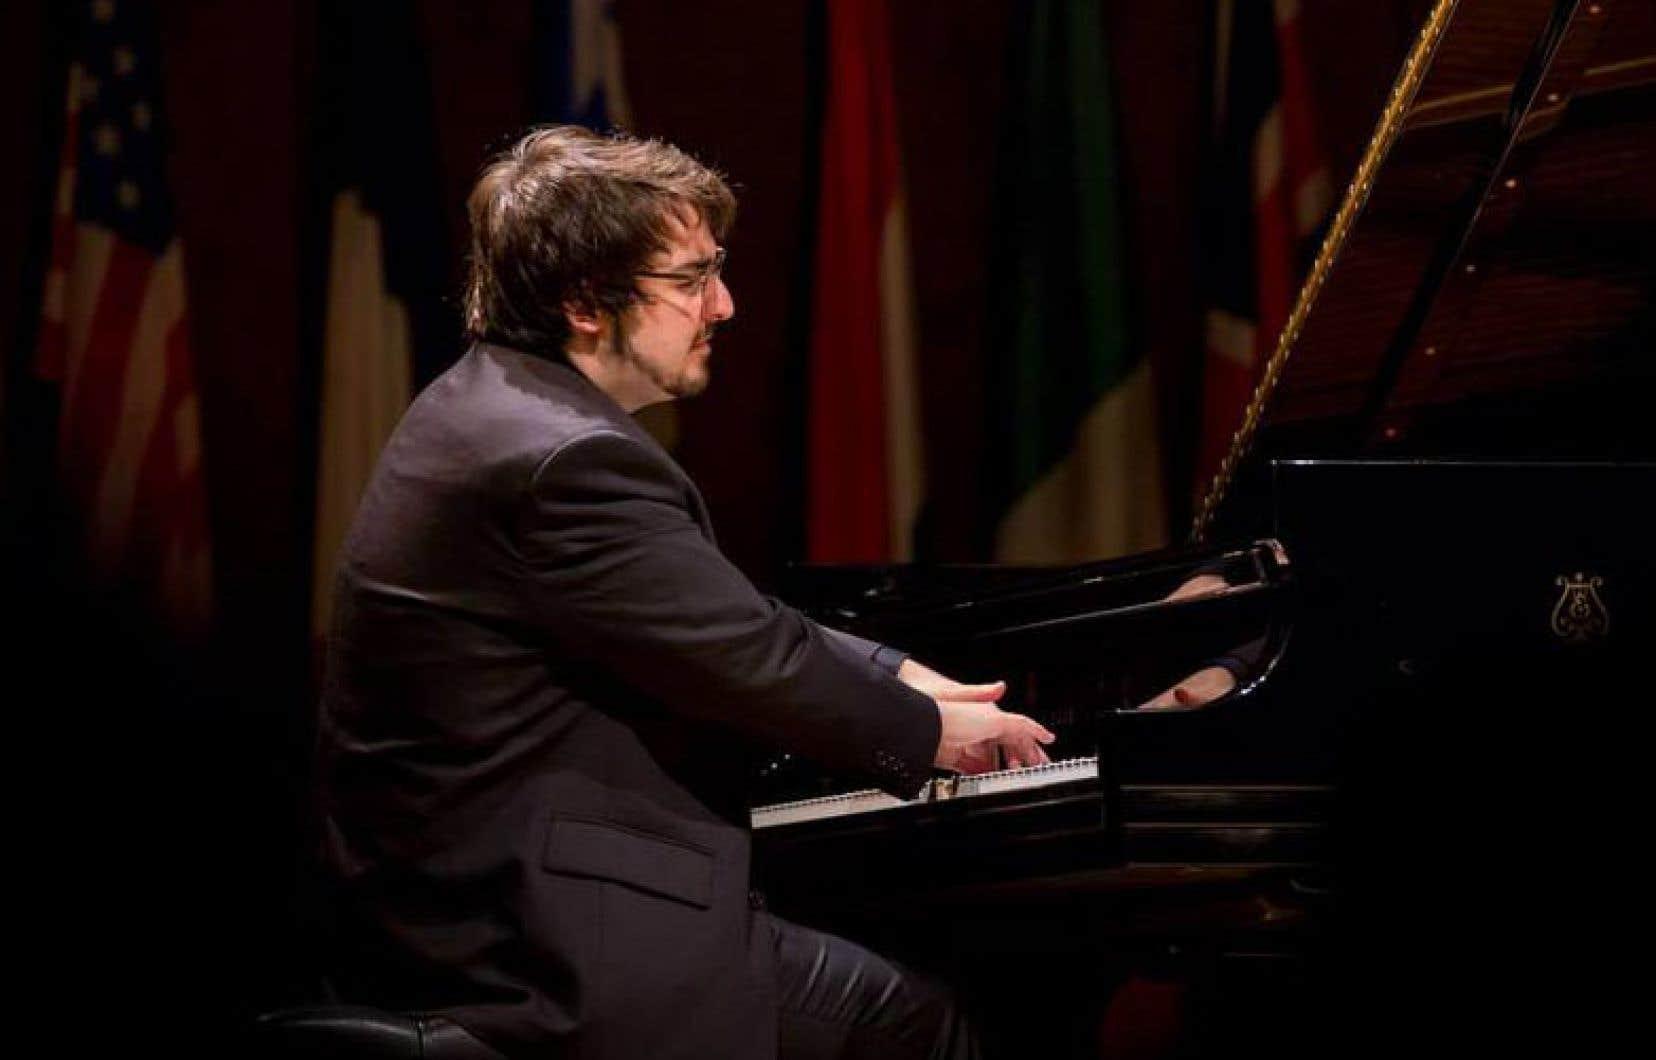 Entendre Charles Richard-Hamelin dans des répertoires désormais de plus en plus variés permet, grâce au chaînon manquant Beethoven, d'éclairer un portrait surprenant de l'artiste.